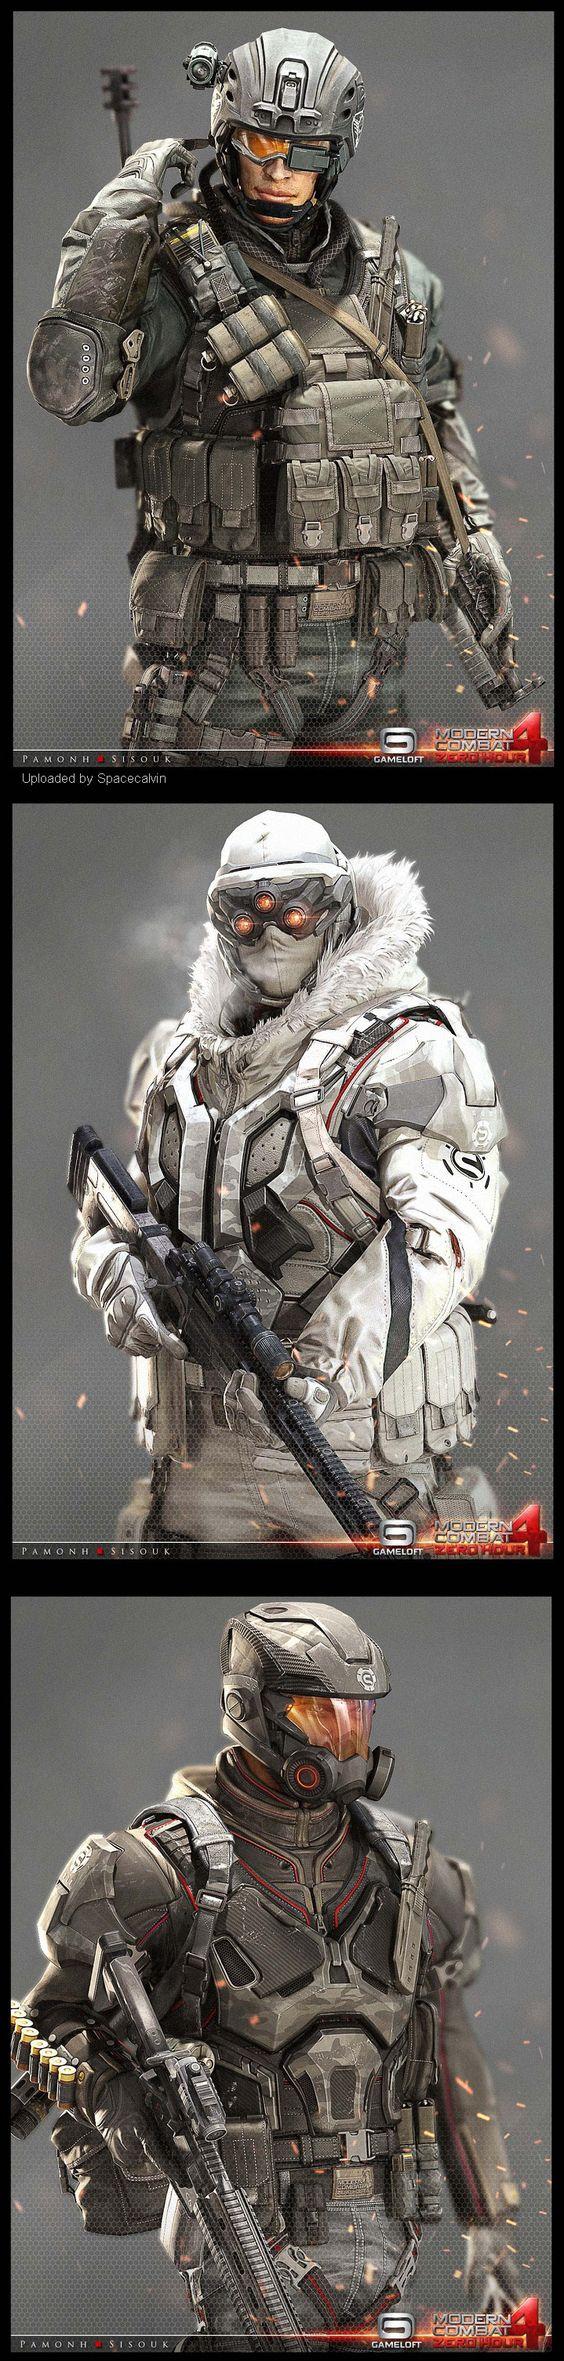 soldier6